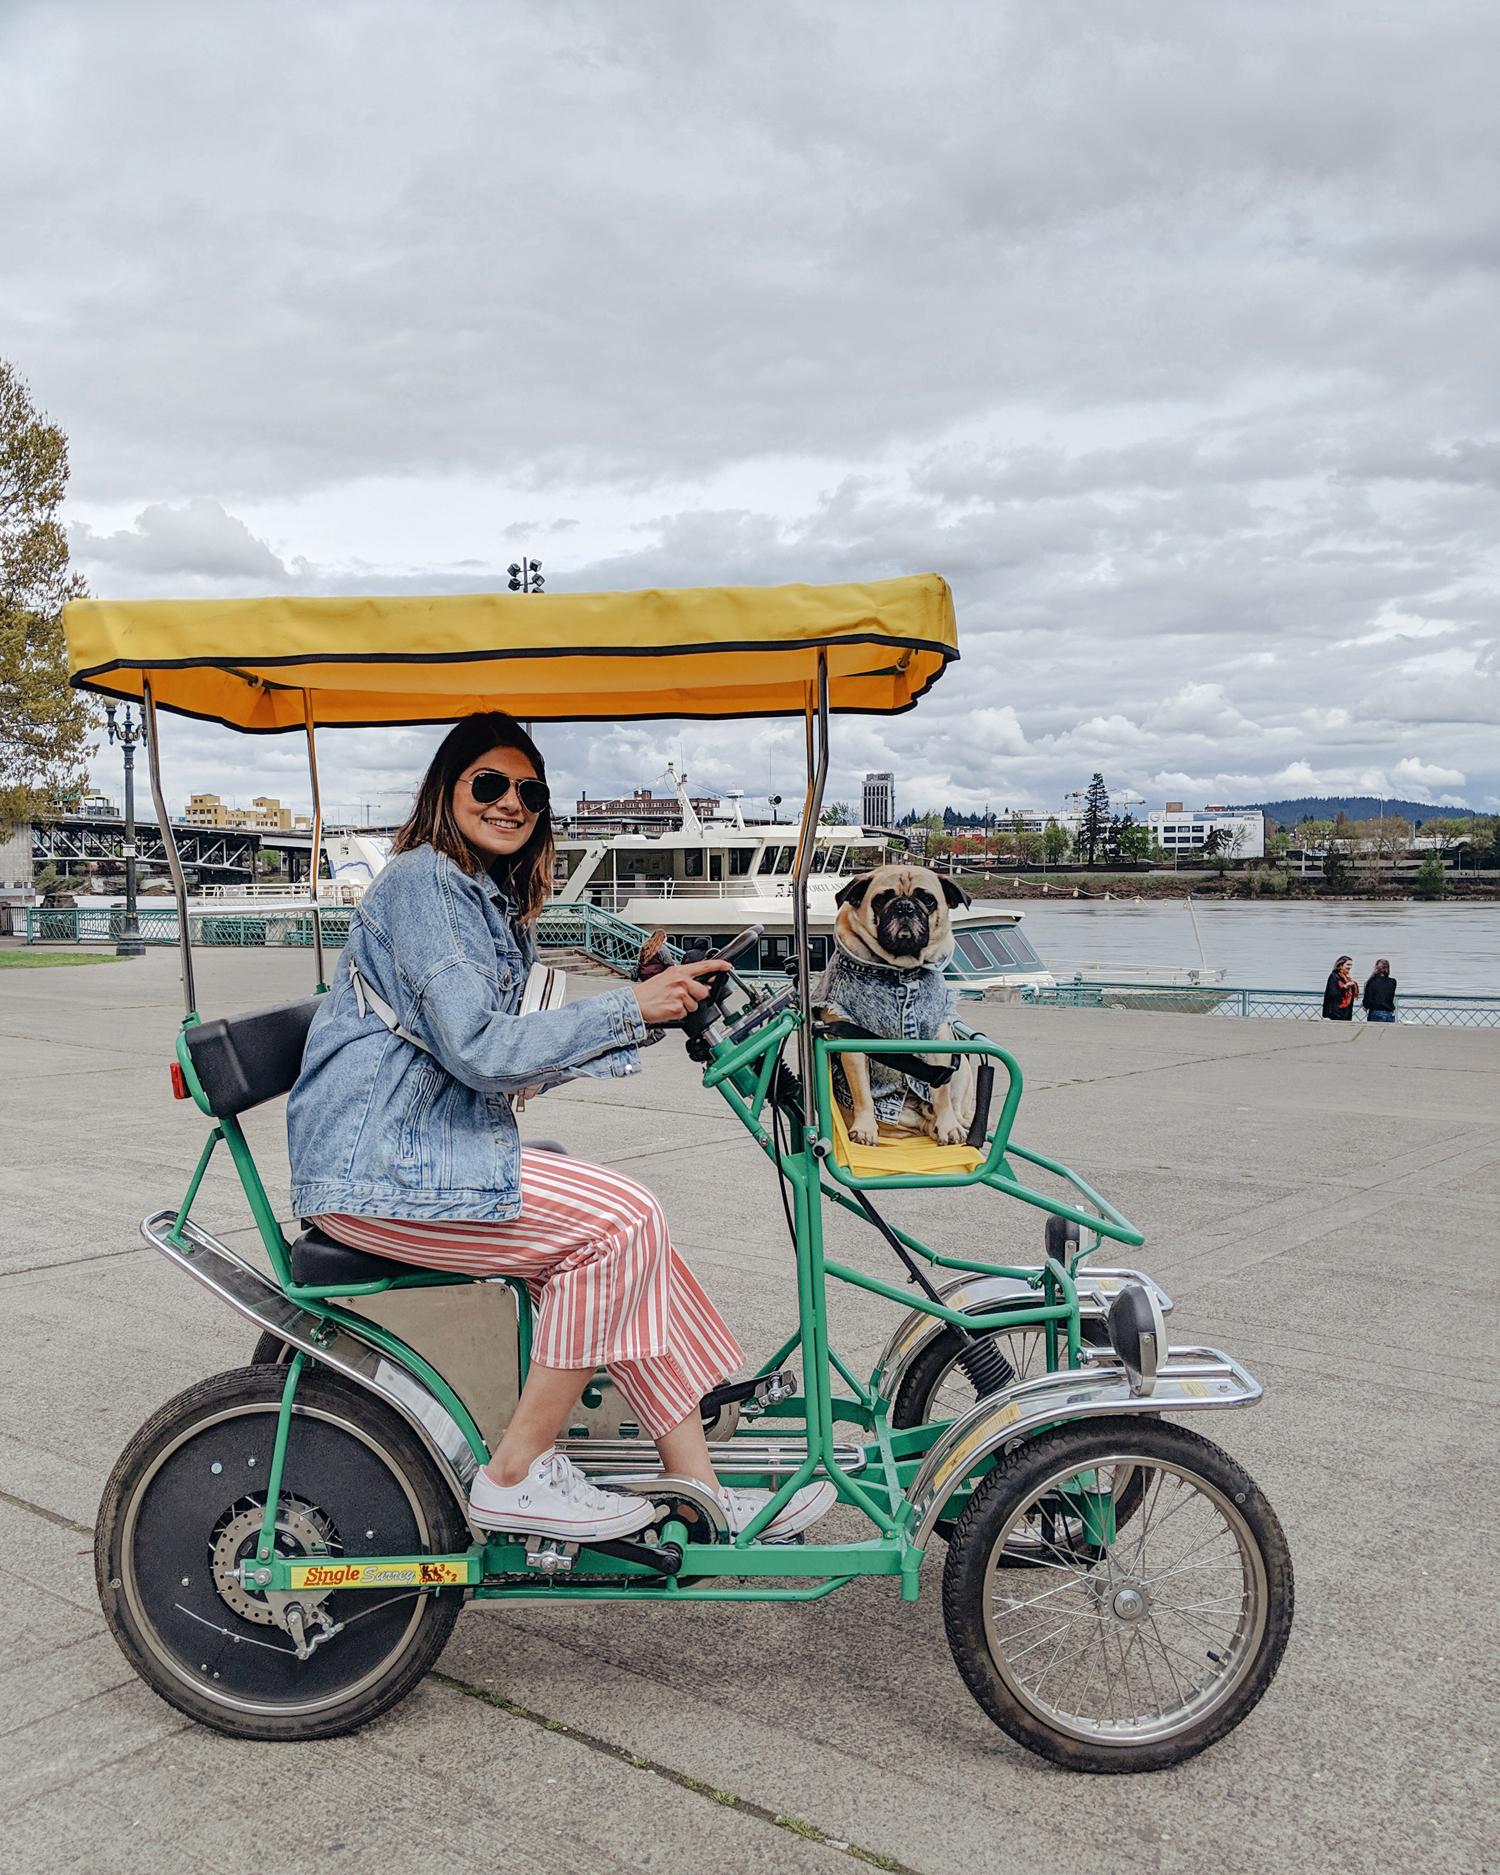 Portland-dogfriendly-travel-travelwithyourdog-woodenshoetulipfestival-2019-dogstraveling-dogblog-pug-dogmomblog-newyorkblog-visitportland21.jpg